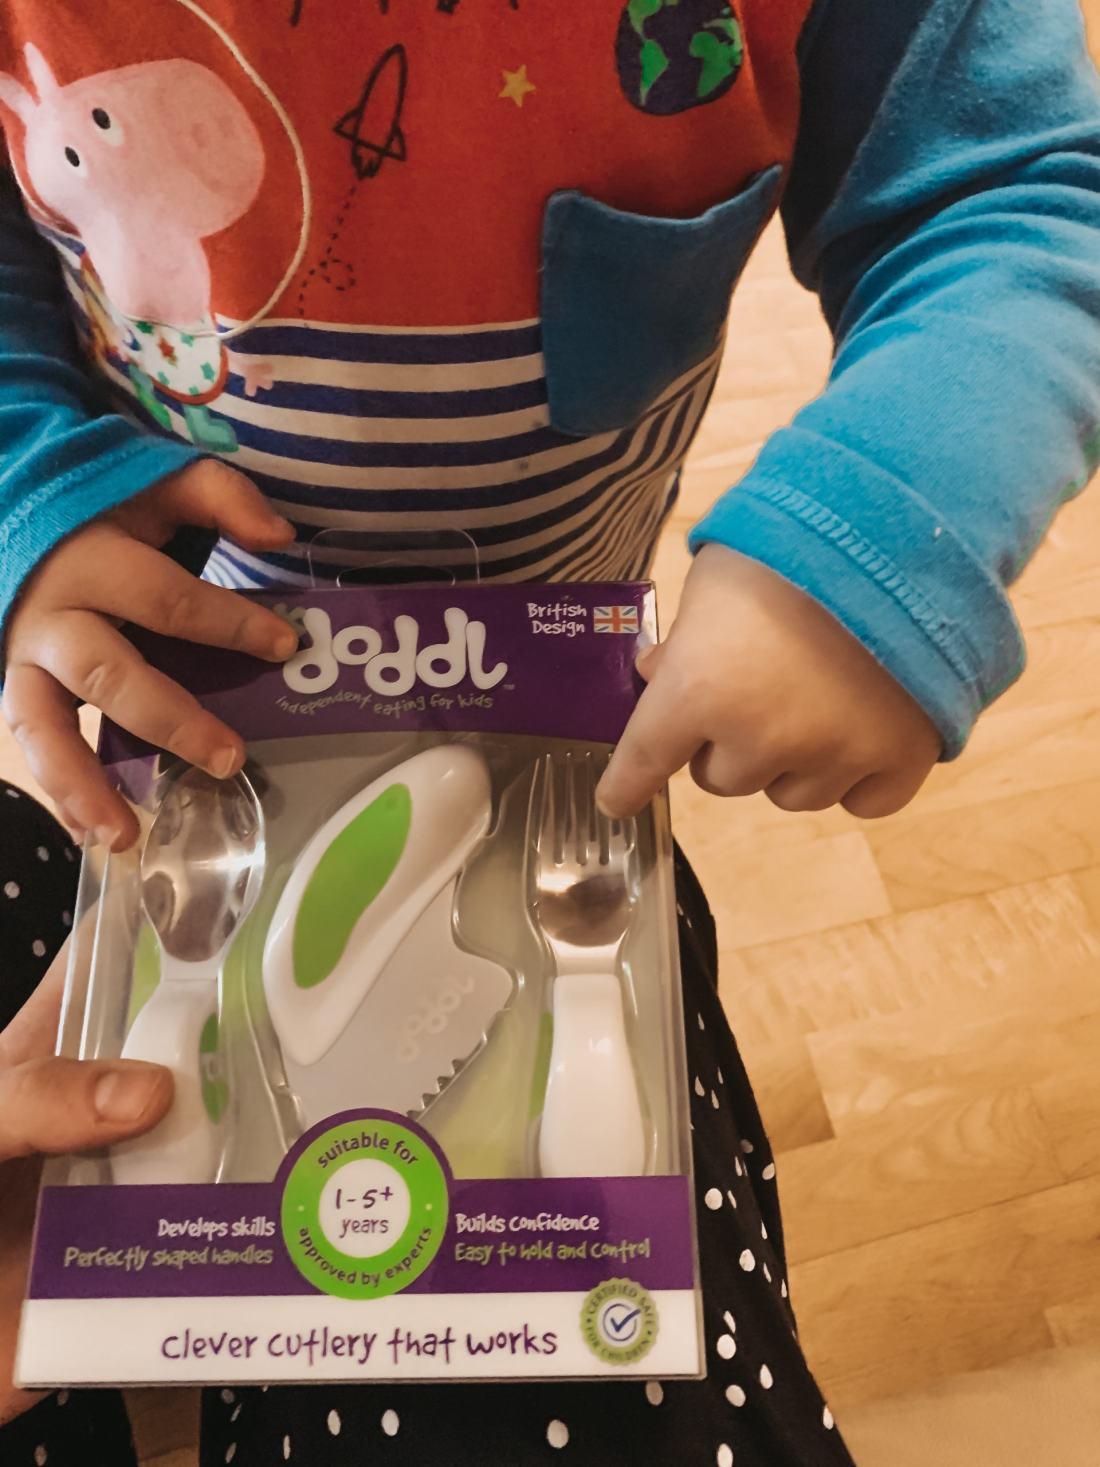 doddl-ergornomic-cutlery-set-www.stylinglifetoday.com